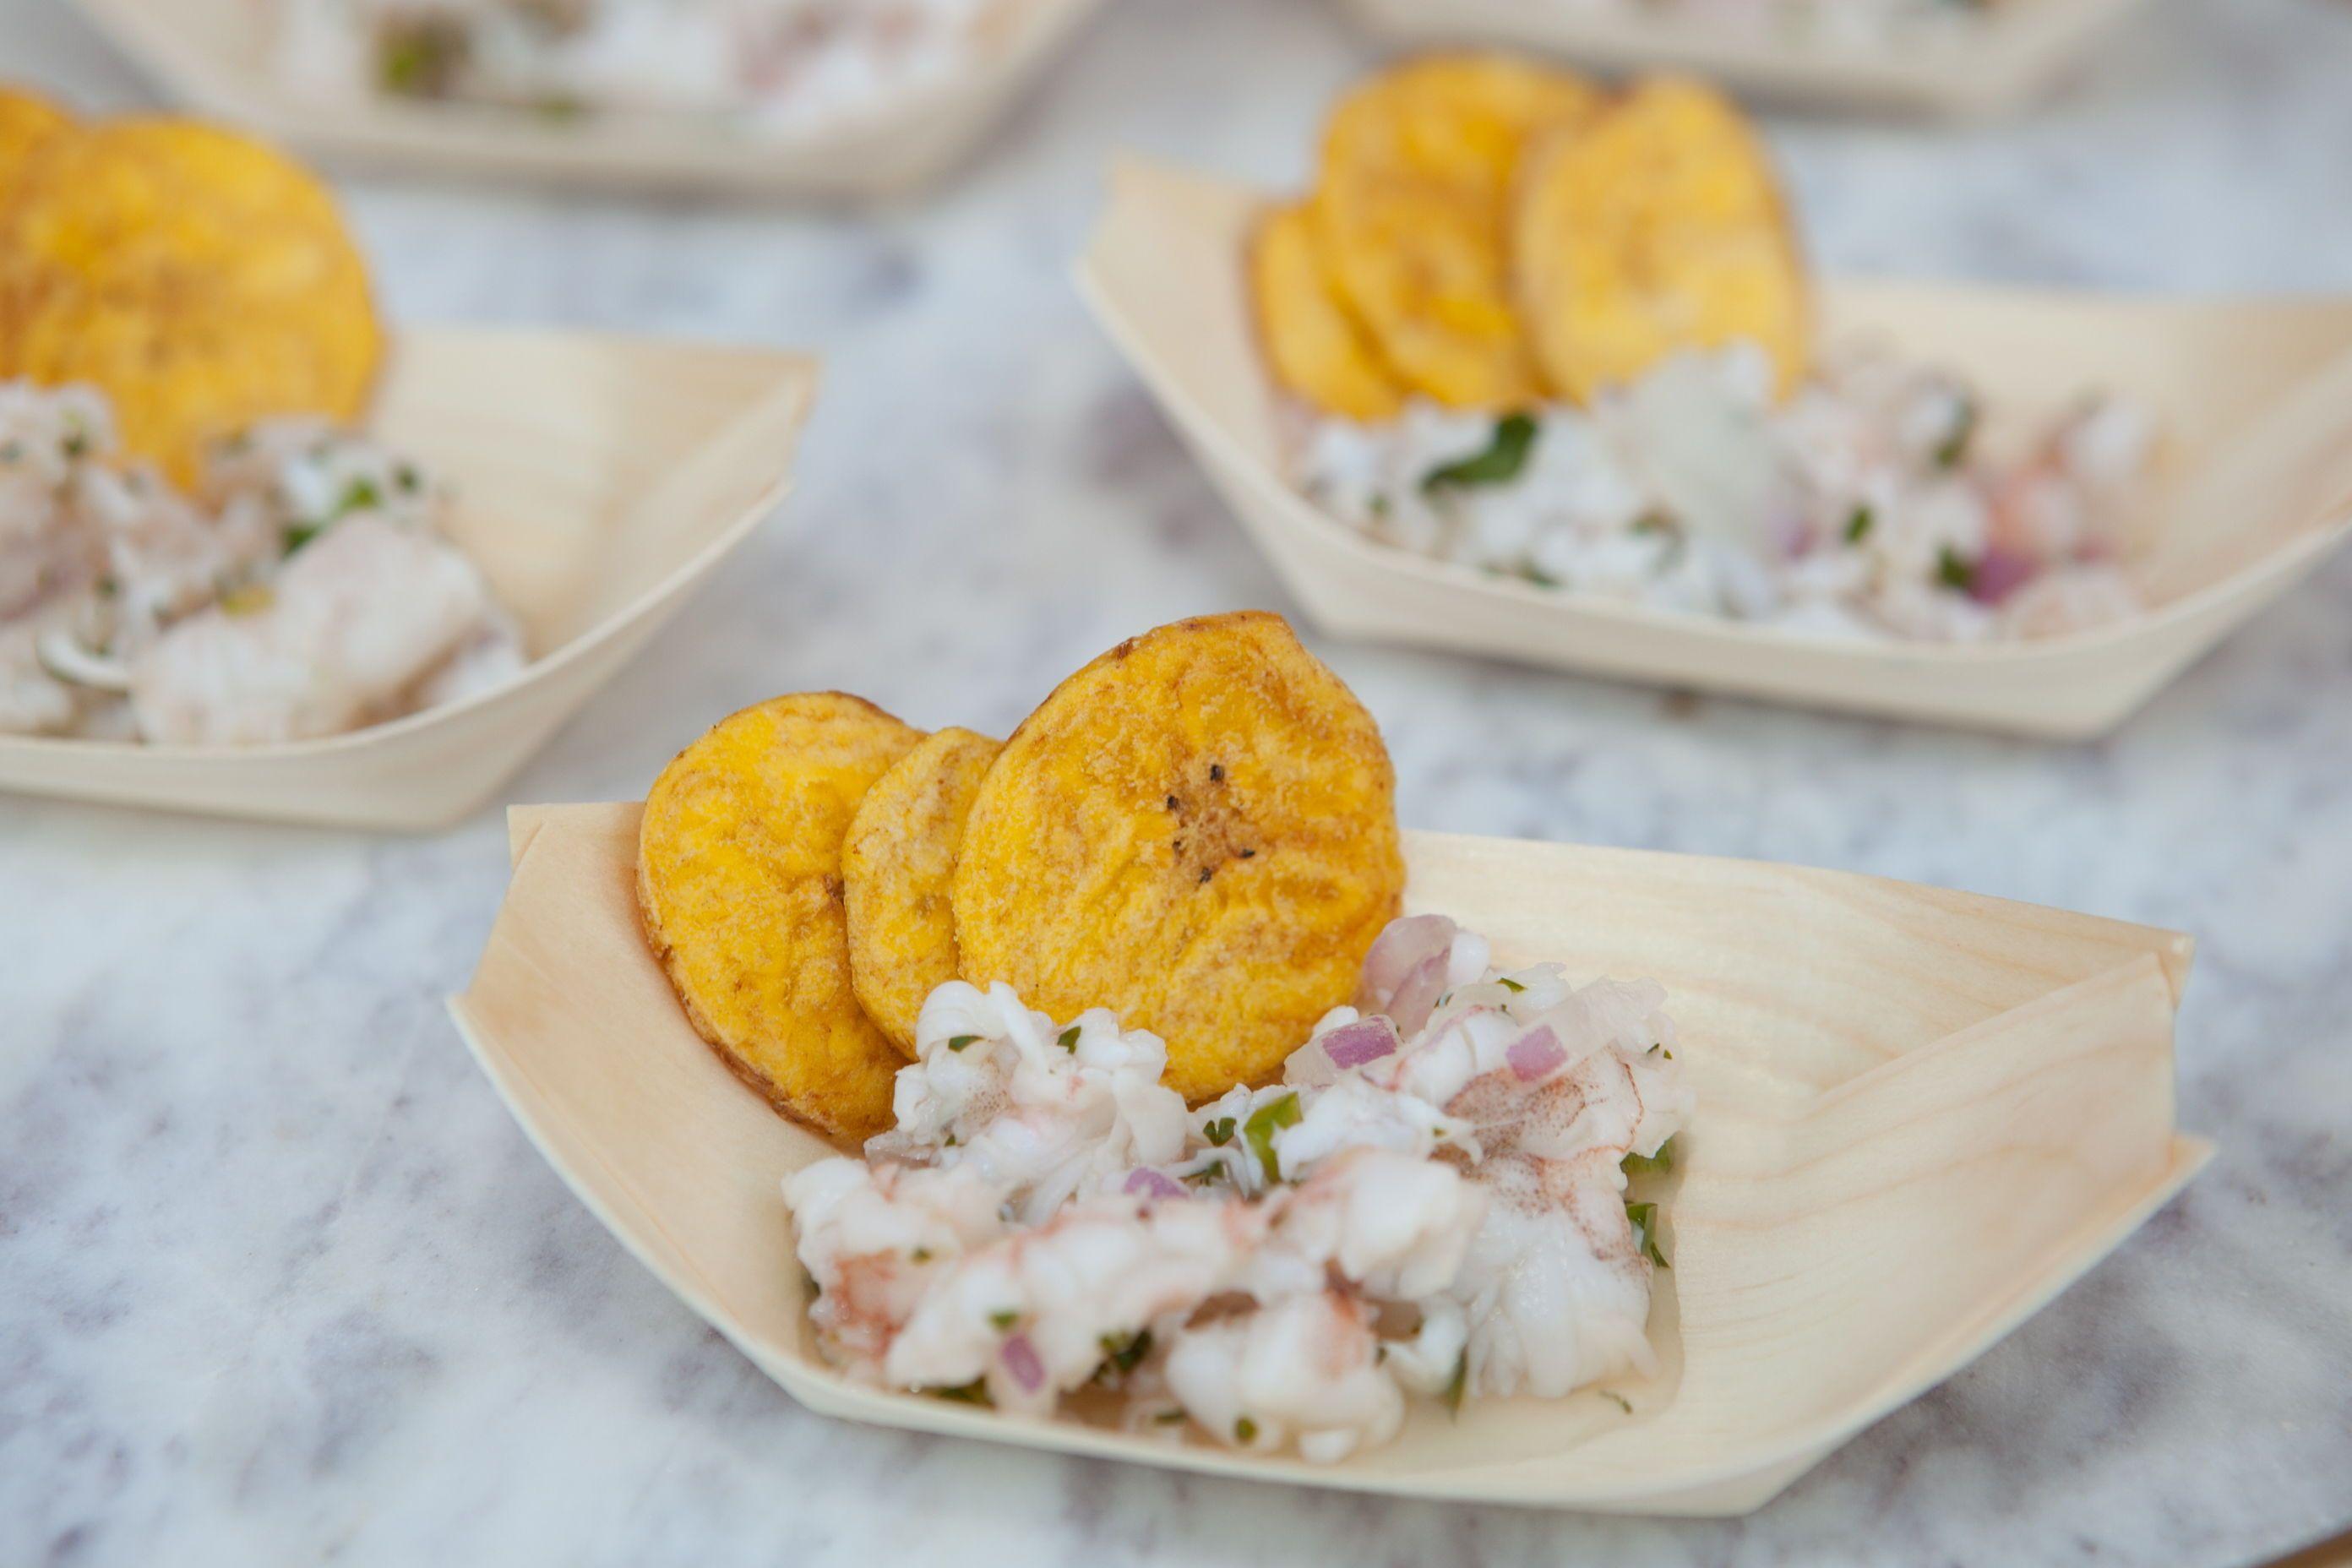 Wedding Appetizer Ideas Wedding Food Ideas Wedding Grazing Station Food Ideas Elegant Wedding Food Tampa Weddings Food Displays Wedding Food Drink Food